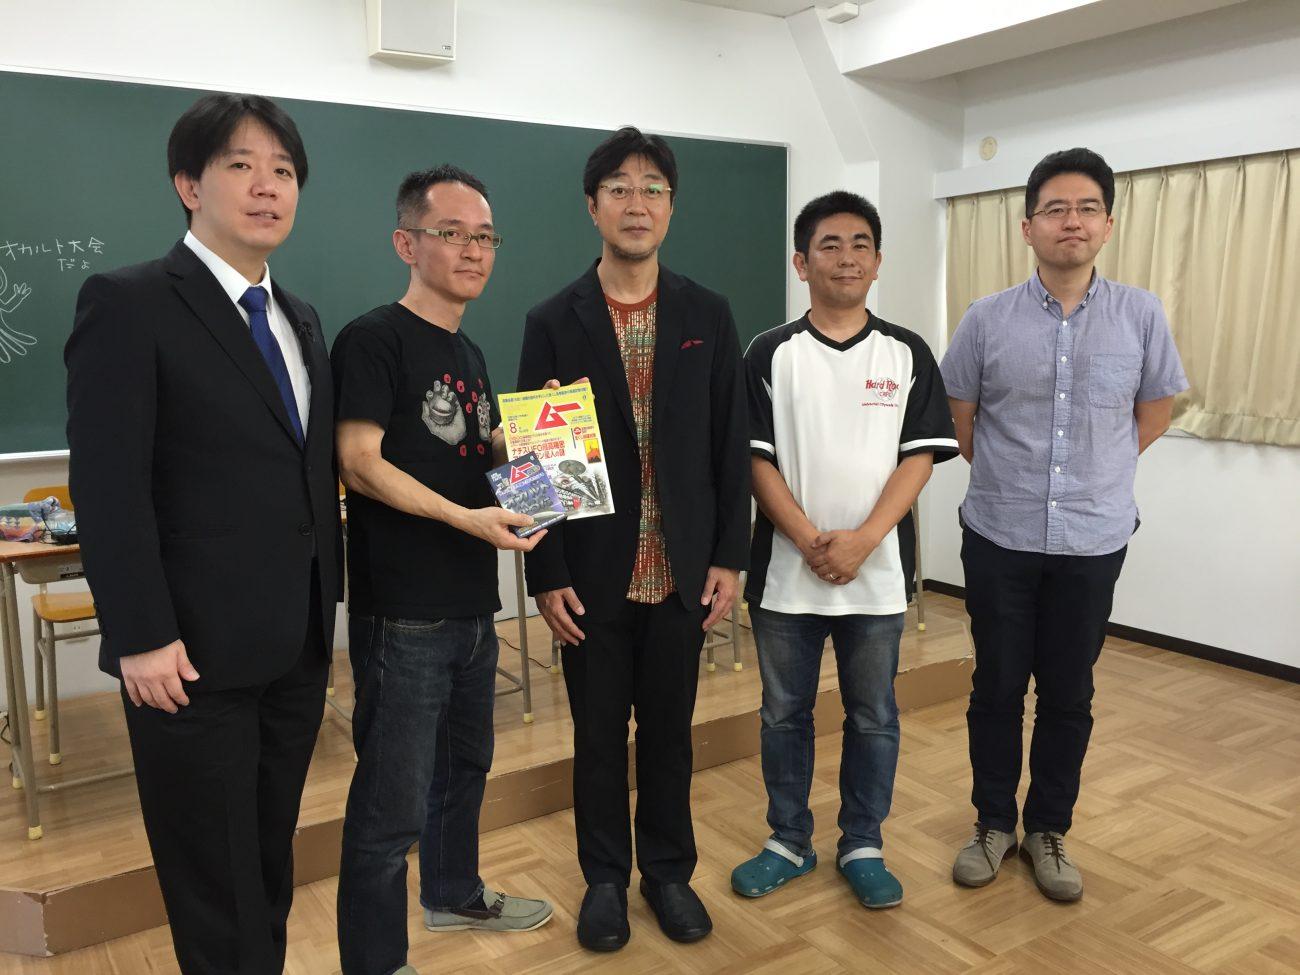 QUIZ JAPAN TVのオリジナルクイズ番組「魁!!クイズ塾」第14回は夏休み特別企画「オカルトカルト大会」!